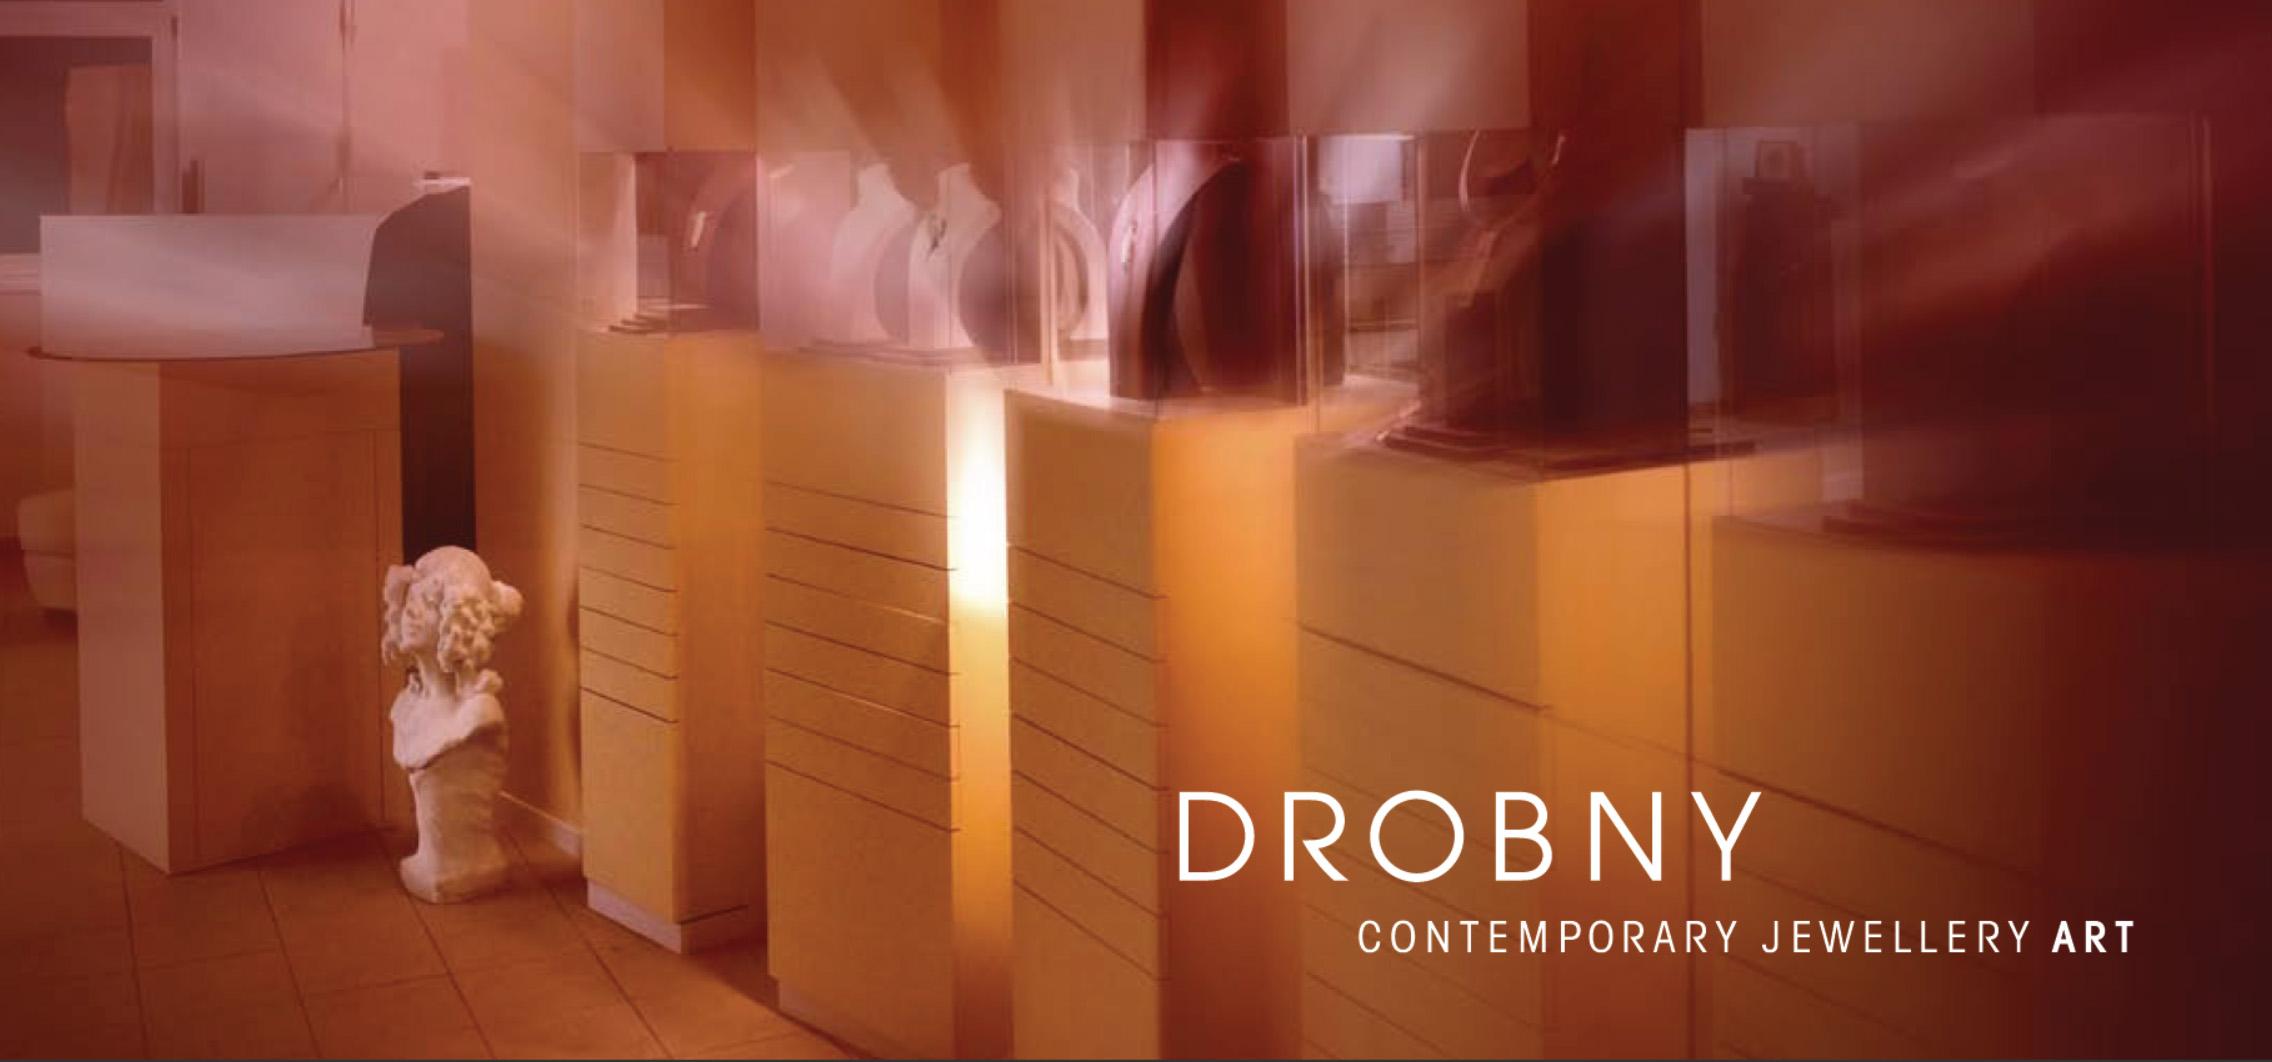 drobny-einladung-prsesentation-04